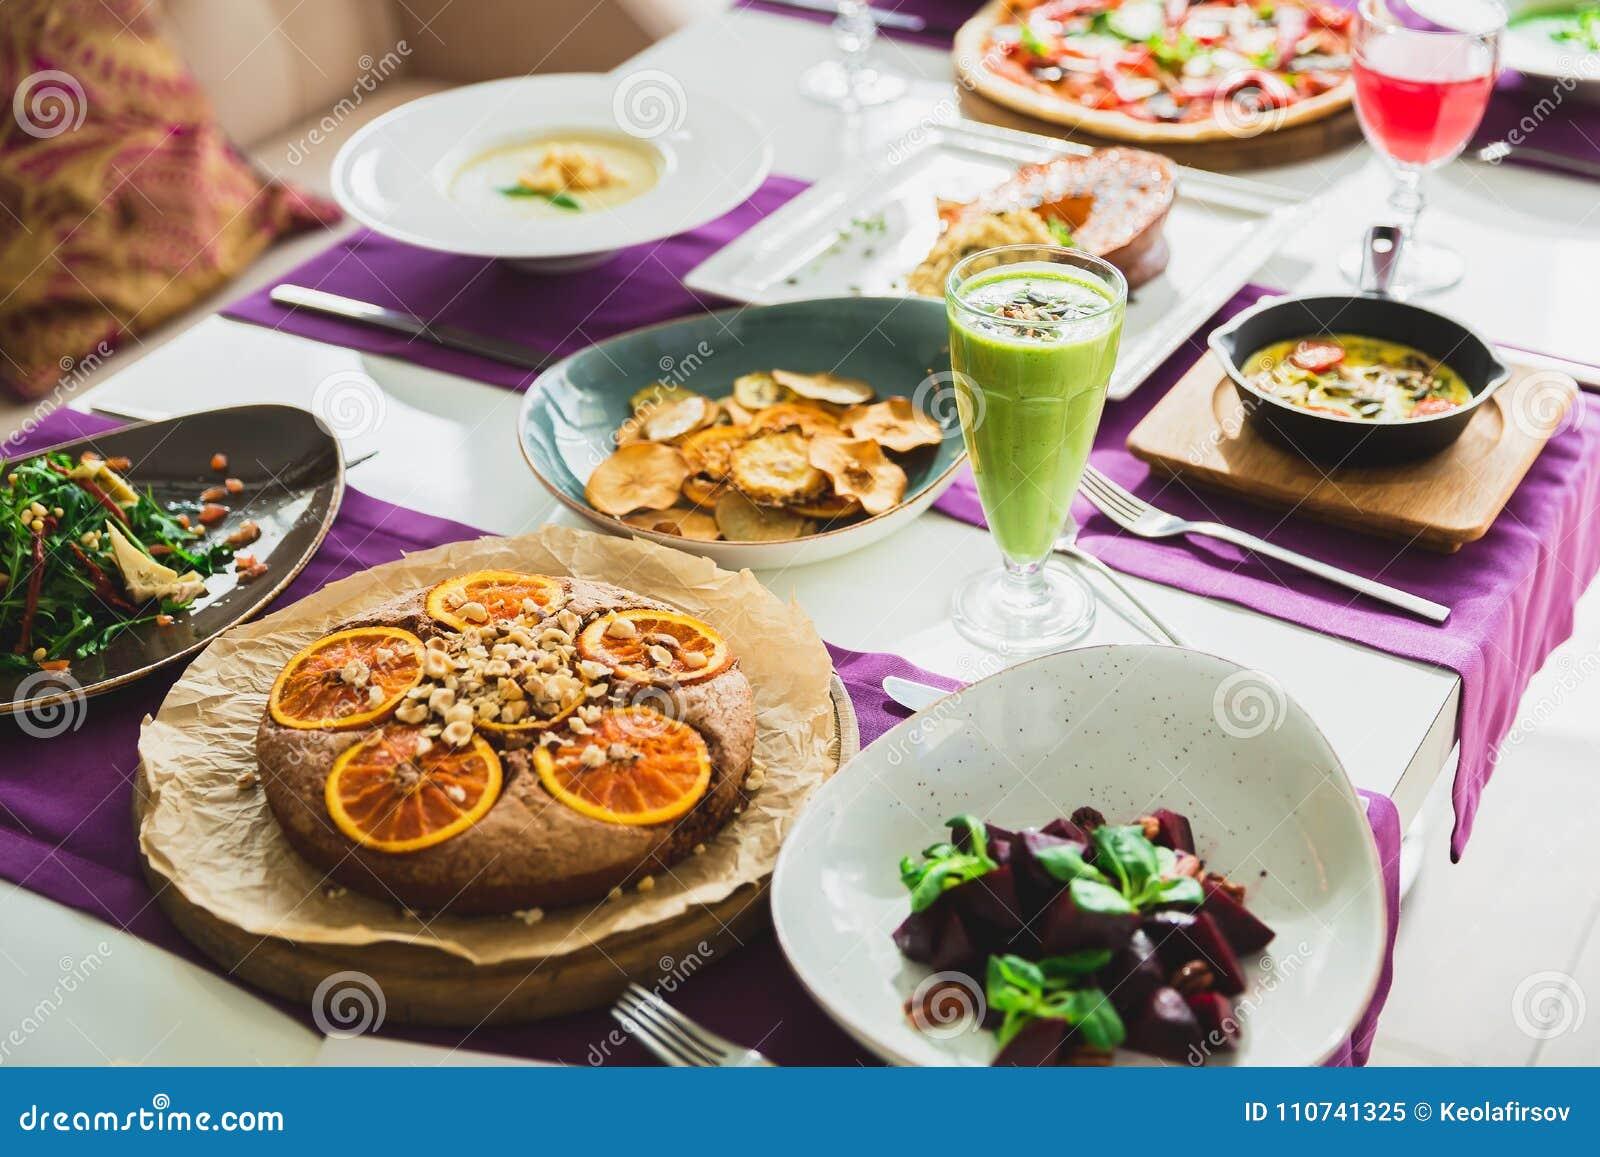 Tabela com pratos de vegetariano - pizza, saladas, torta e bebidas Alimento no restaurante